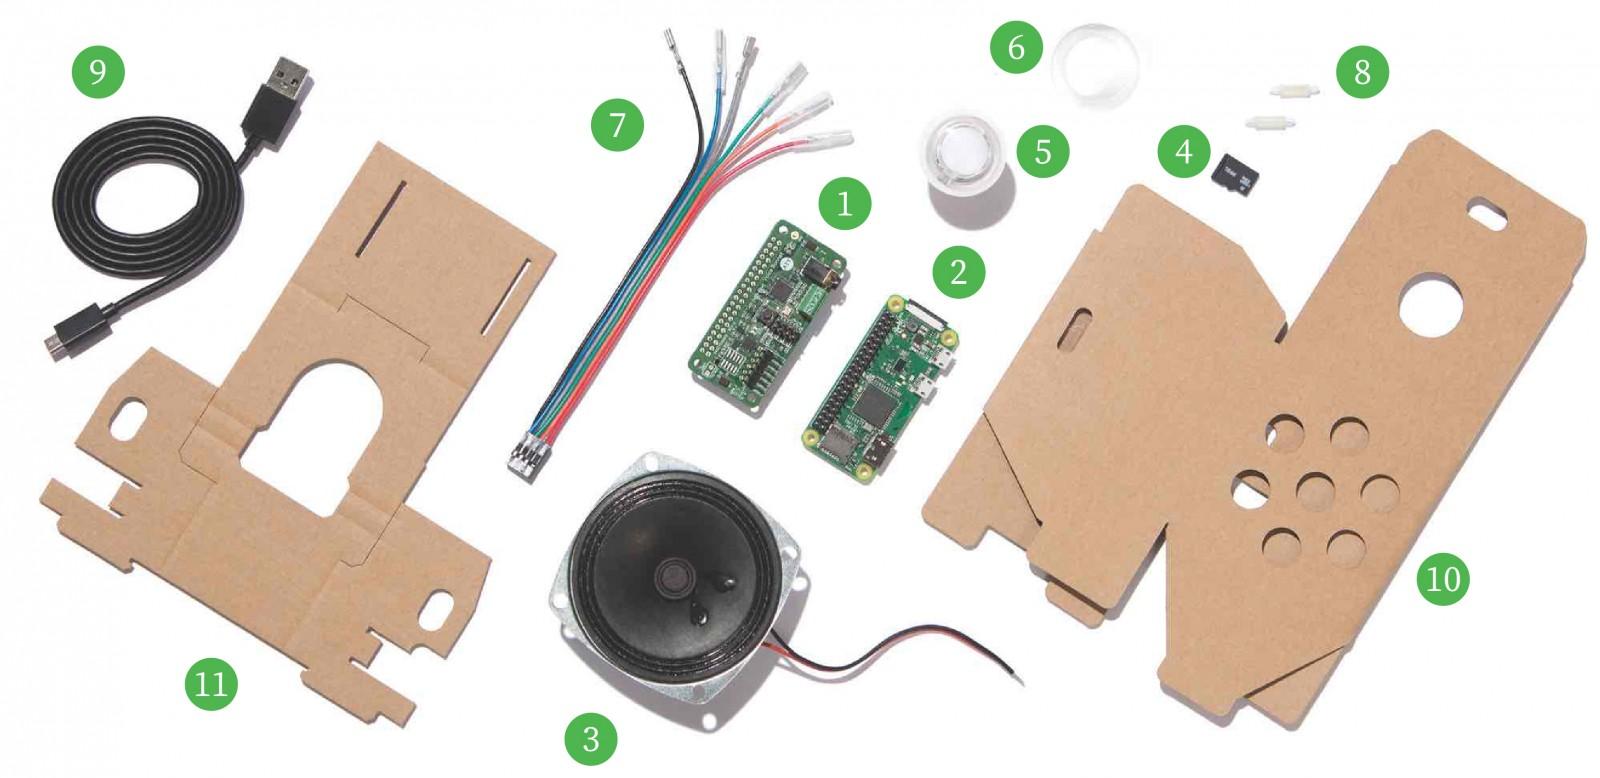 Google AIY Voice Kit V2.0 語音助理 套件